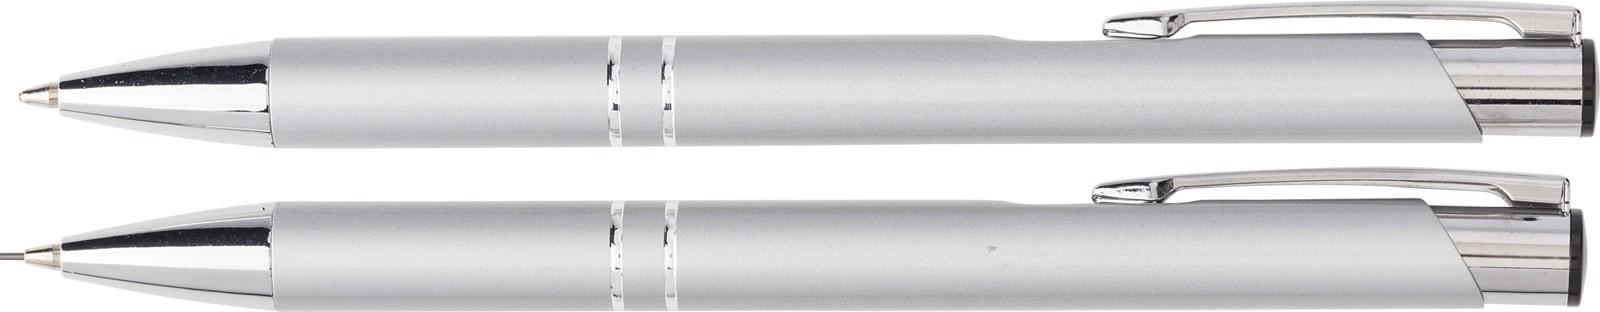 Aluminium writing set - Silver